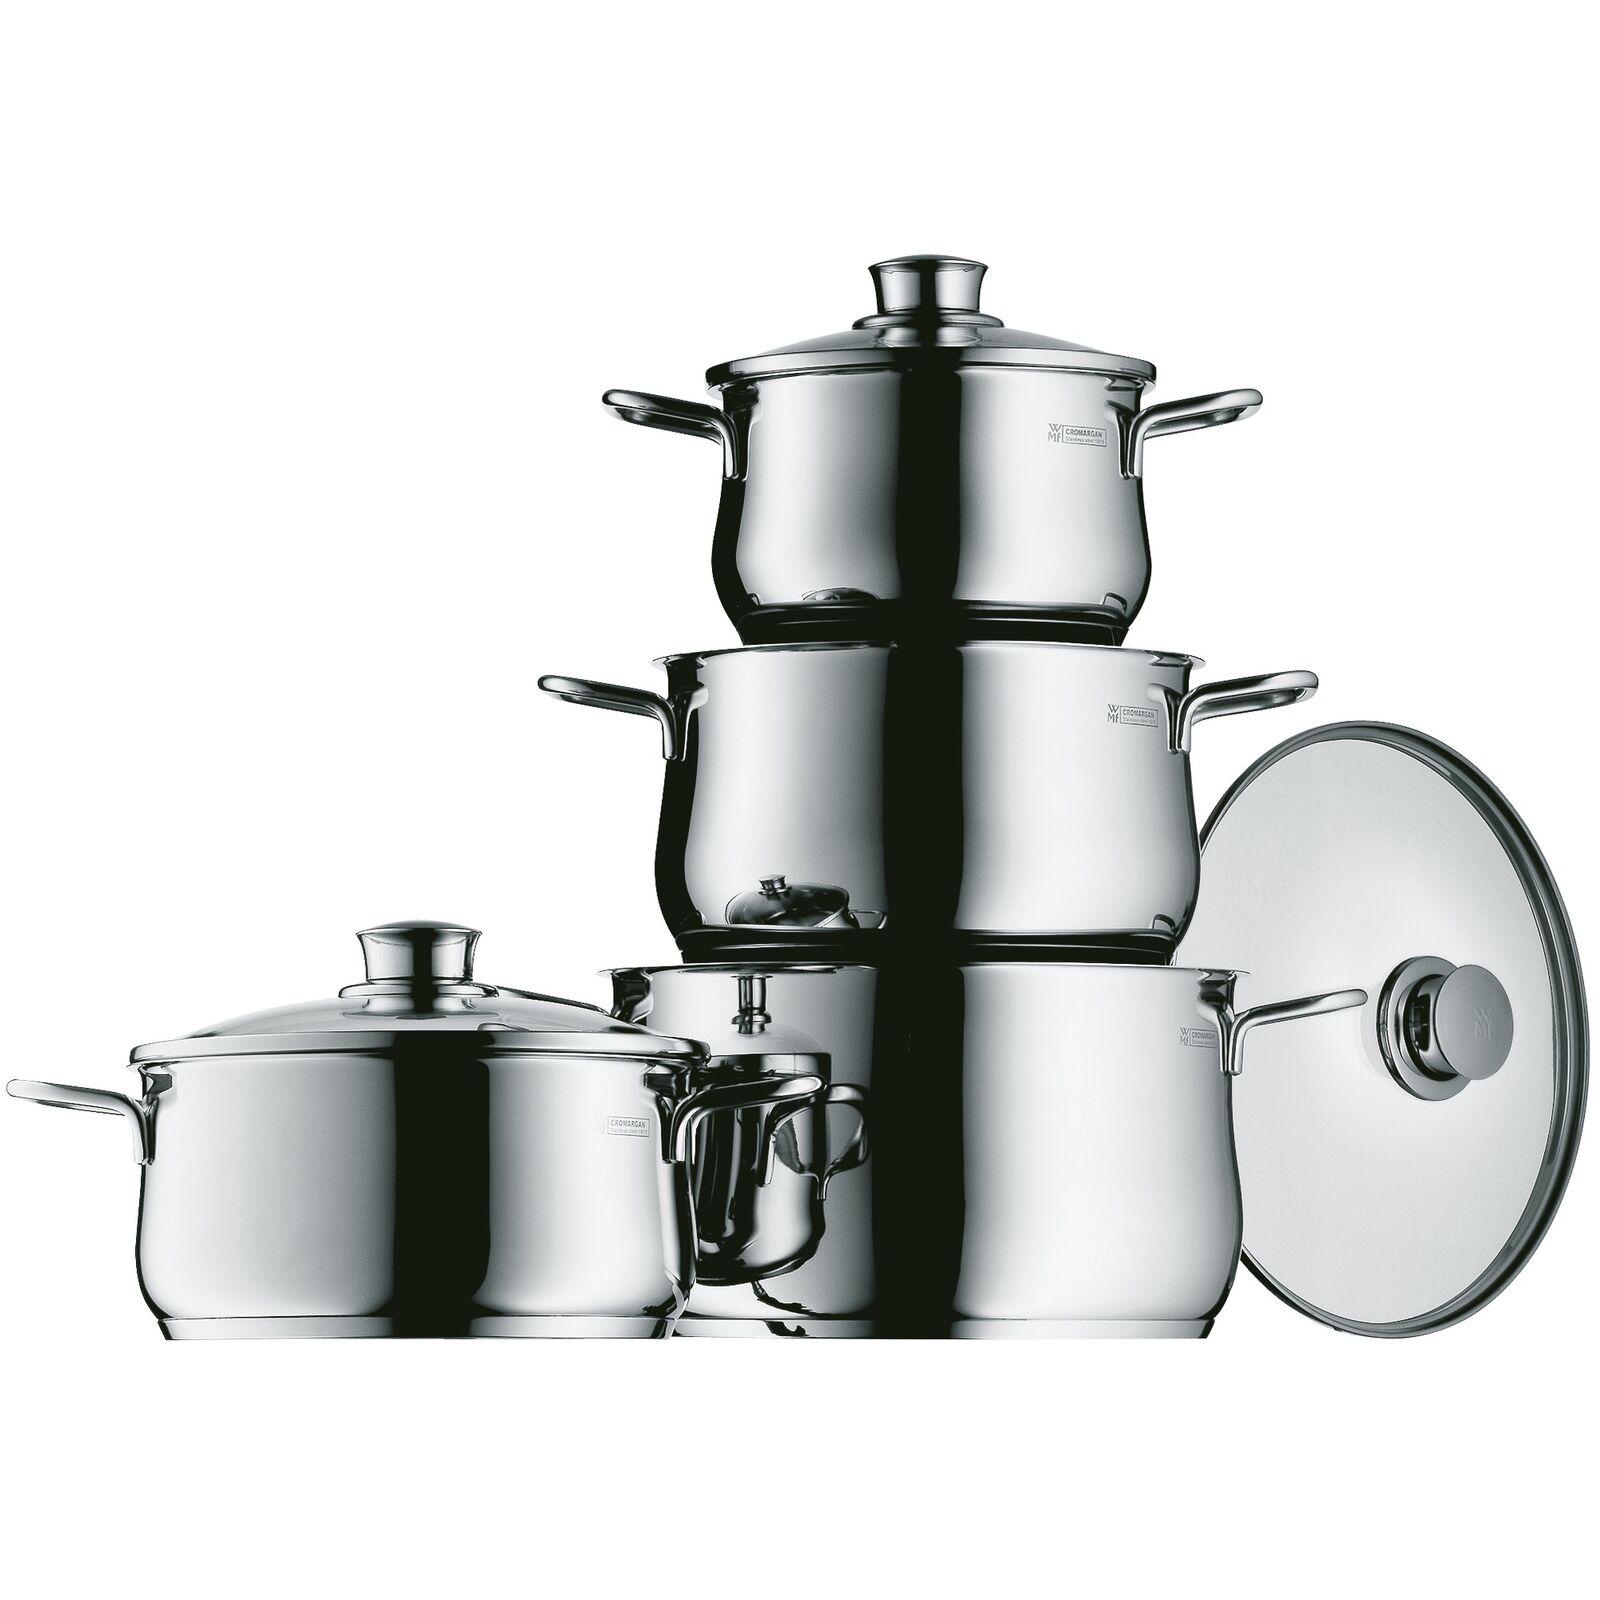 Bild zu 4-teiliges WMF Diadem Plus Kochtopfset für 99,99€ (Vergleich: 129€)